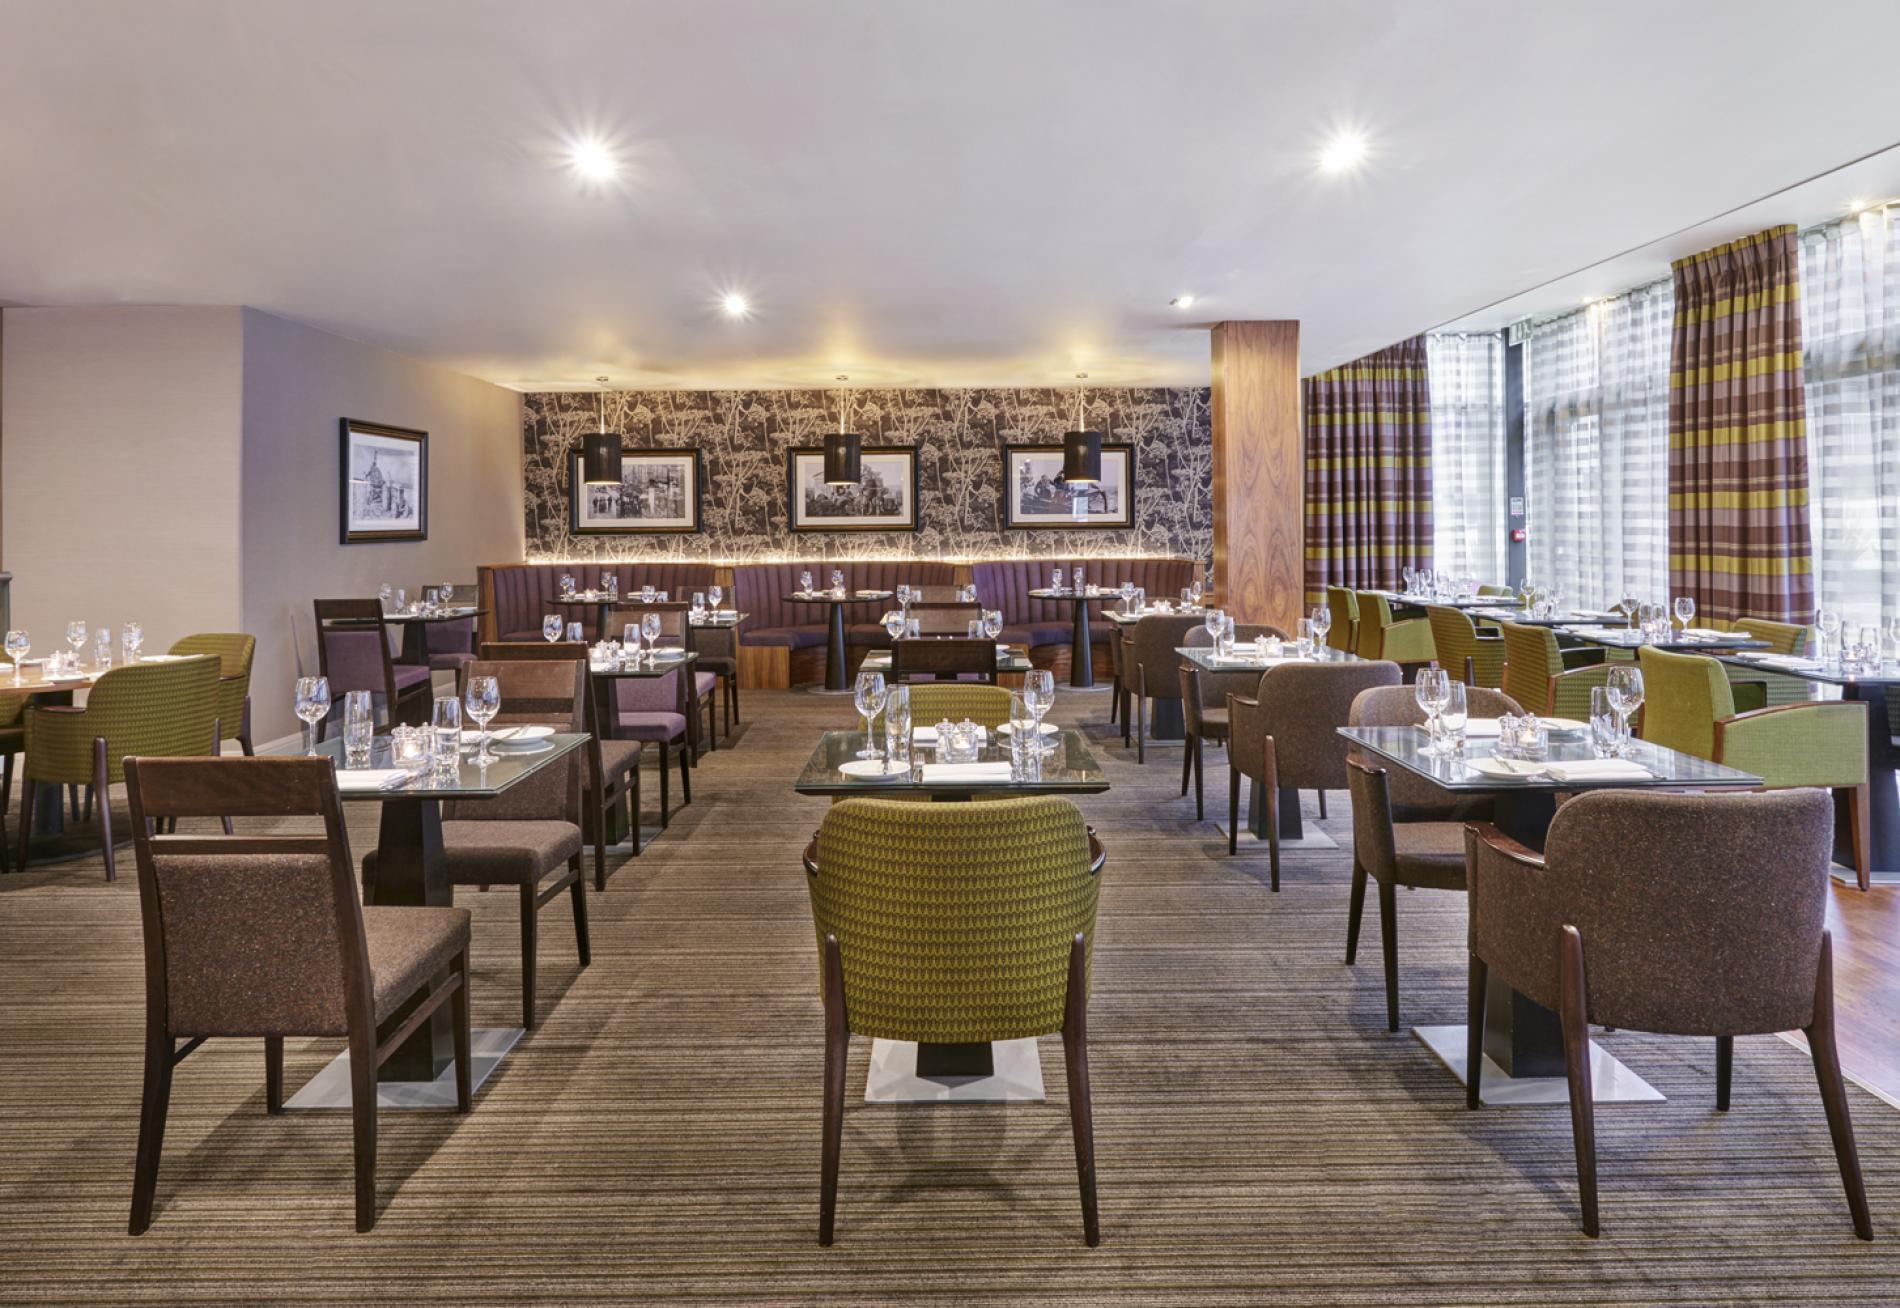 Central Aberdeen Hilton Garden Inn Hotel With Native Restaurant